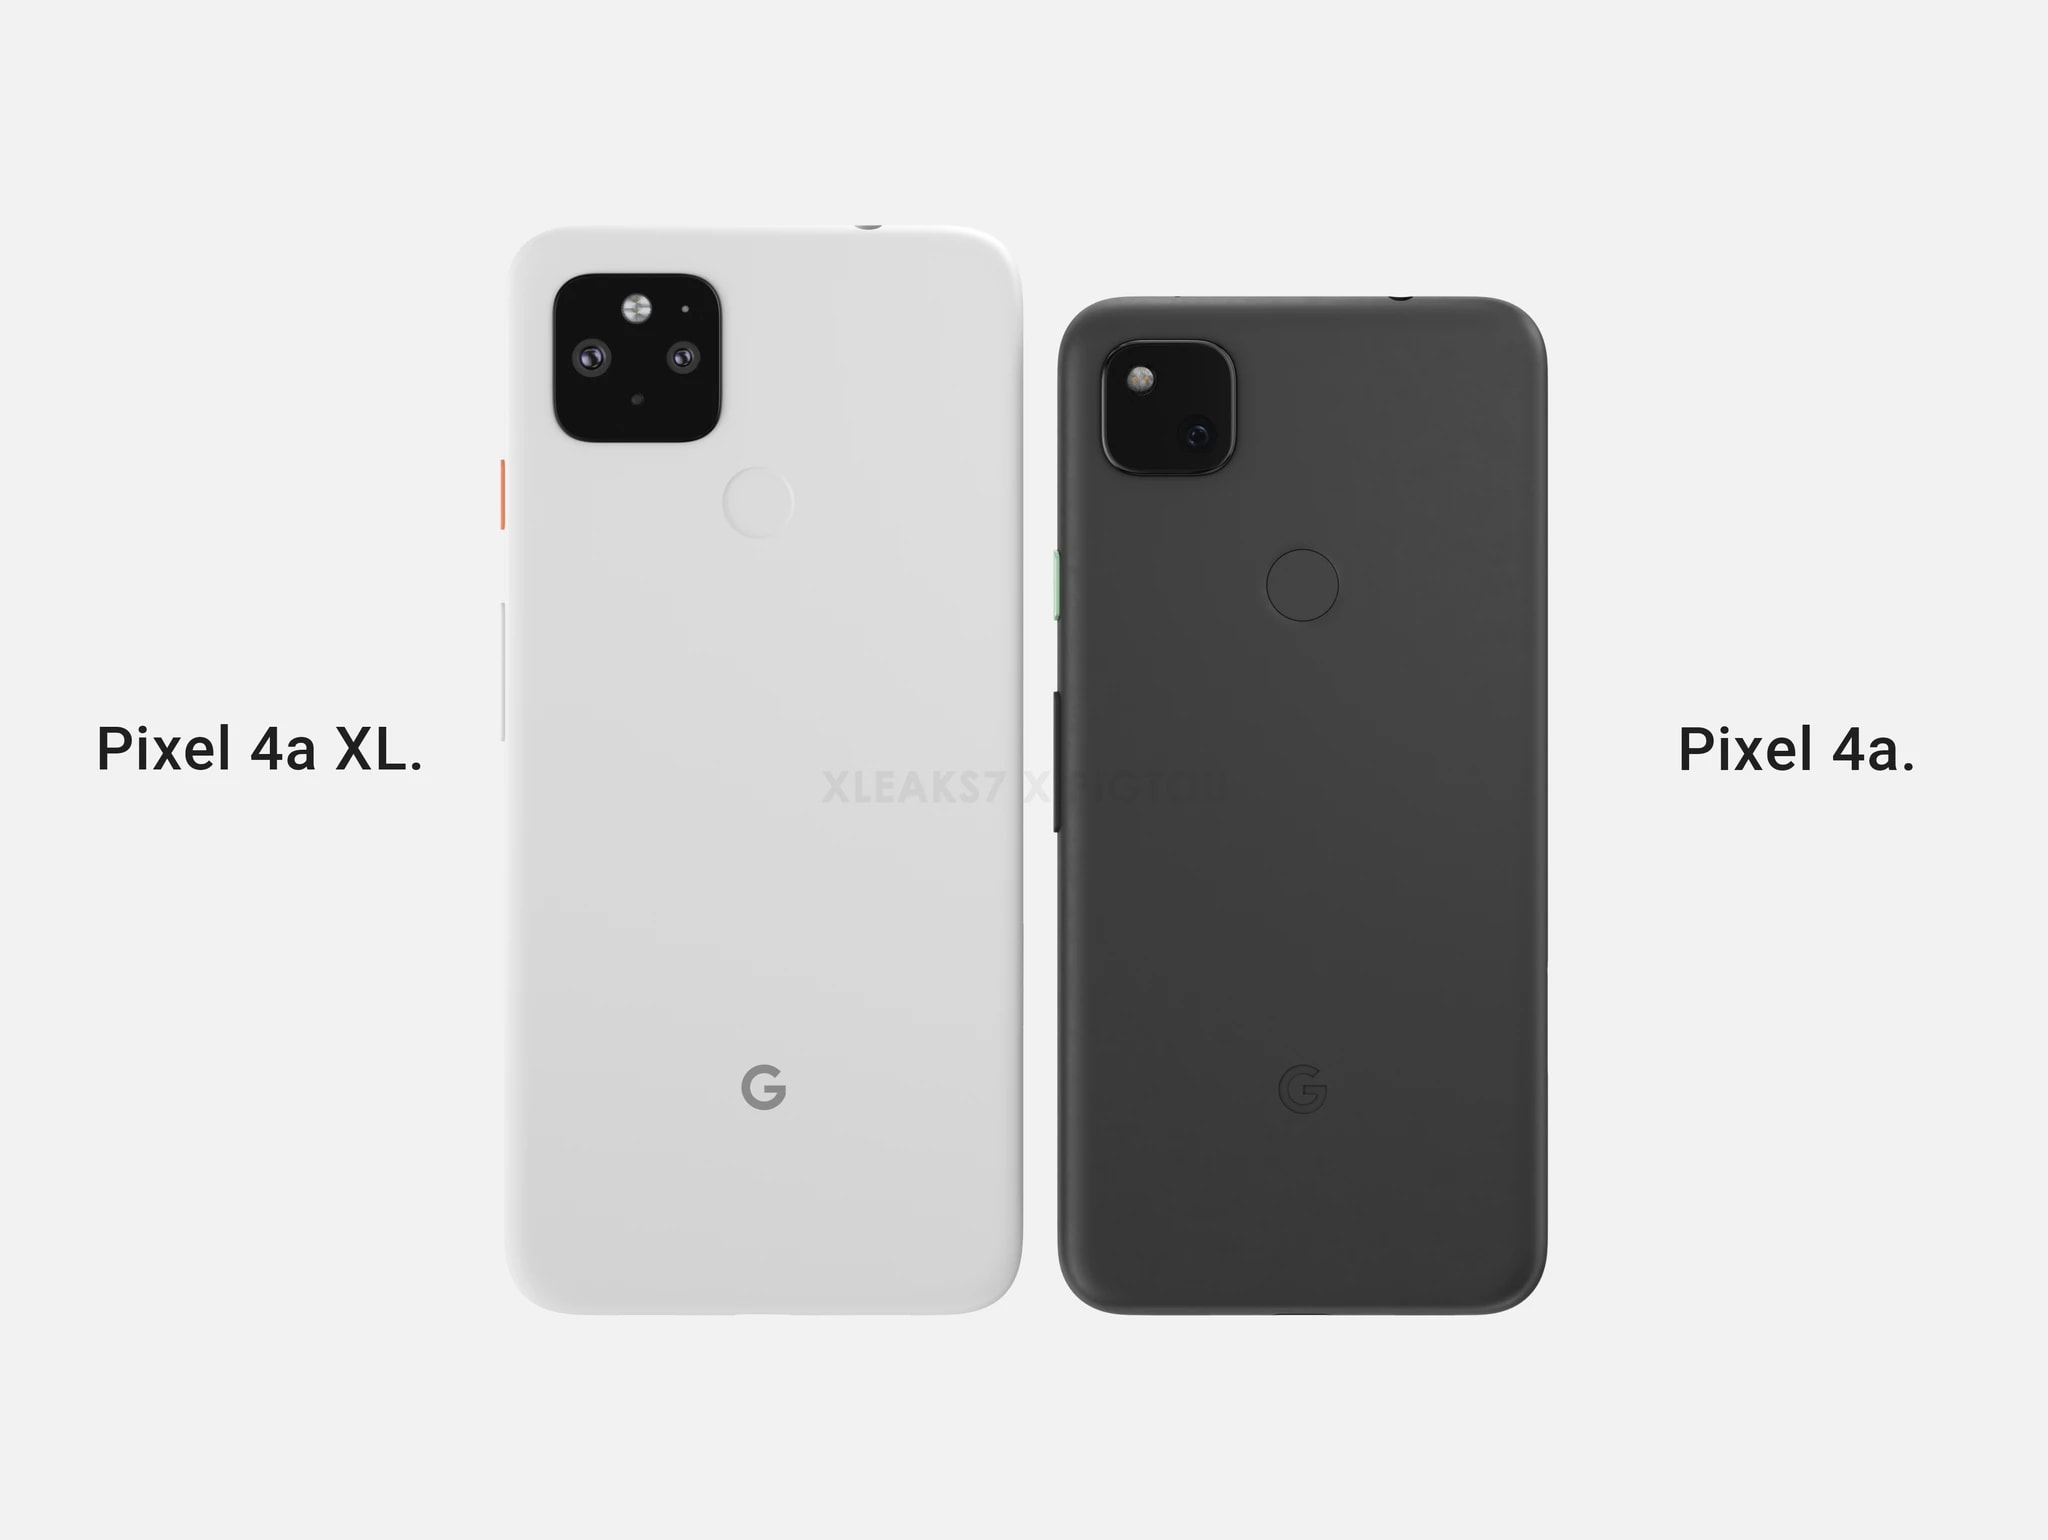 Ecco come sarebbe dovuto essere Pixel 4a XL, forse non ne sentirete la mancanza (foto)